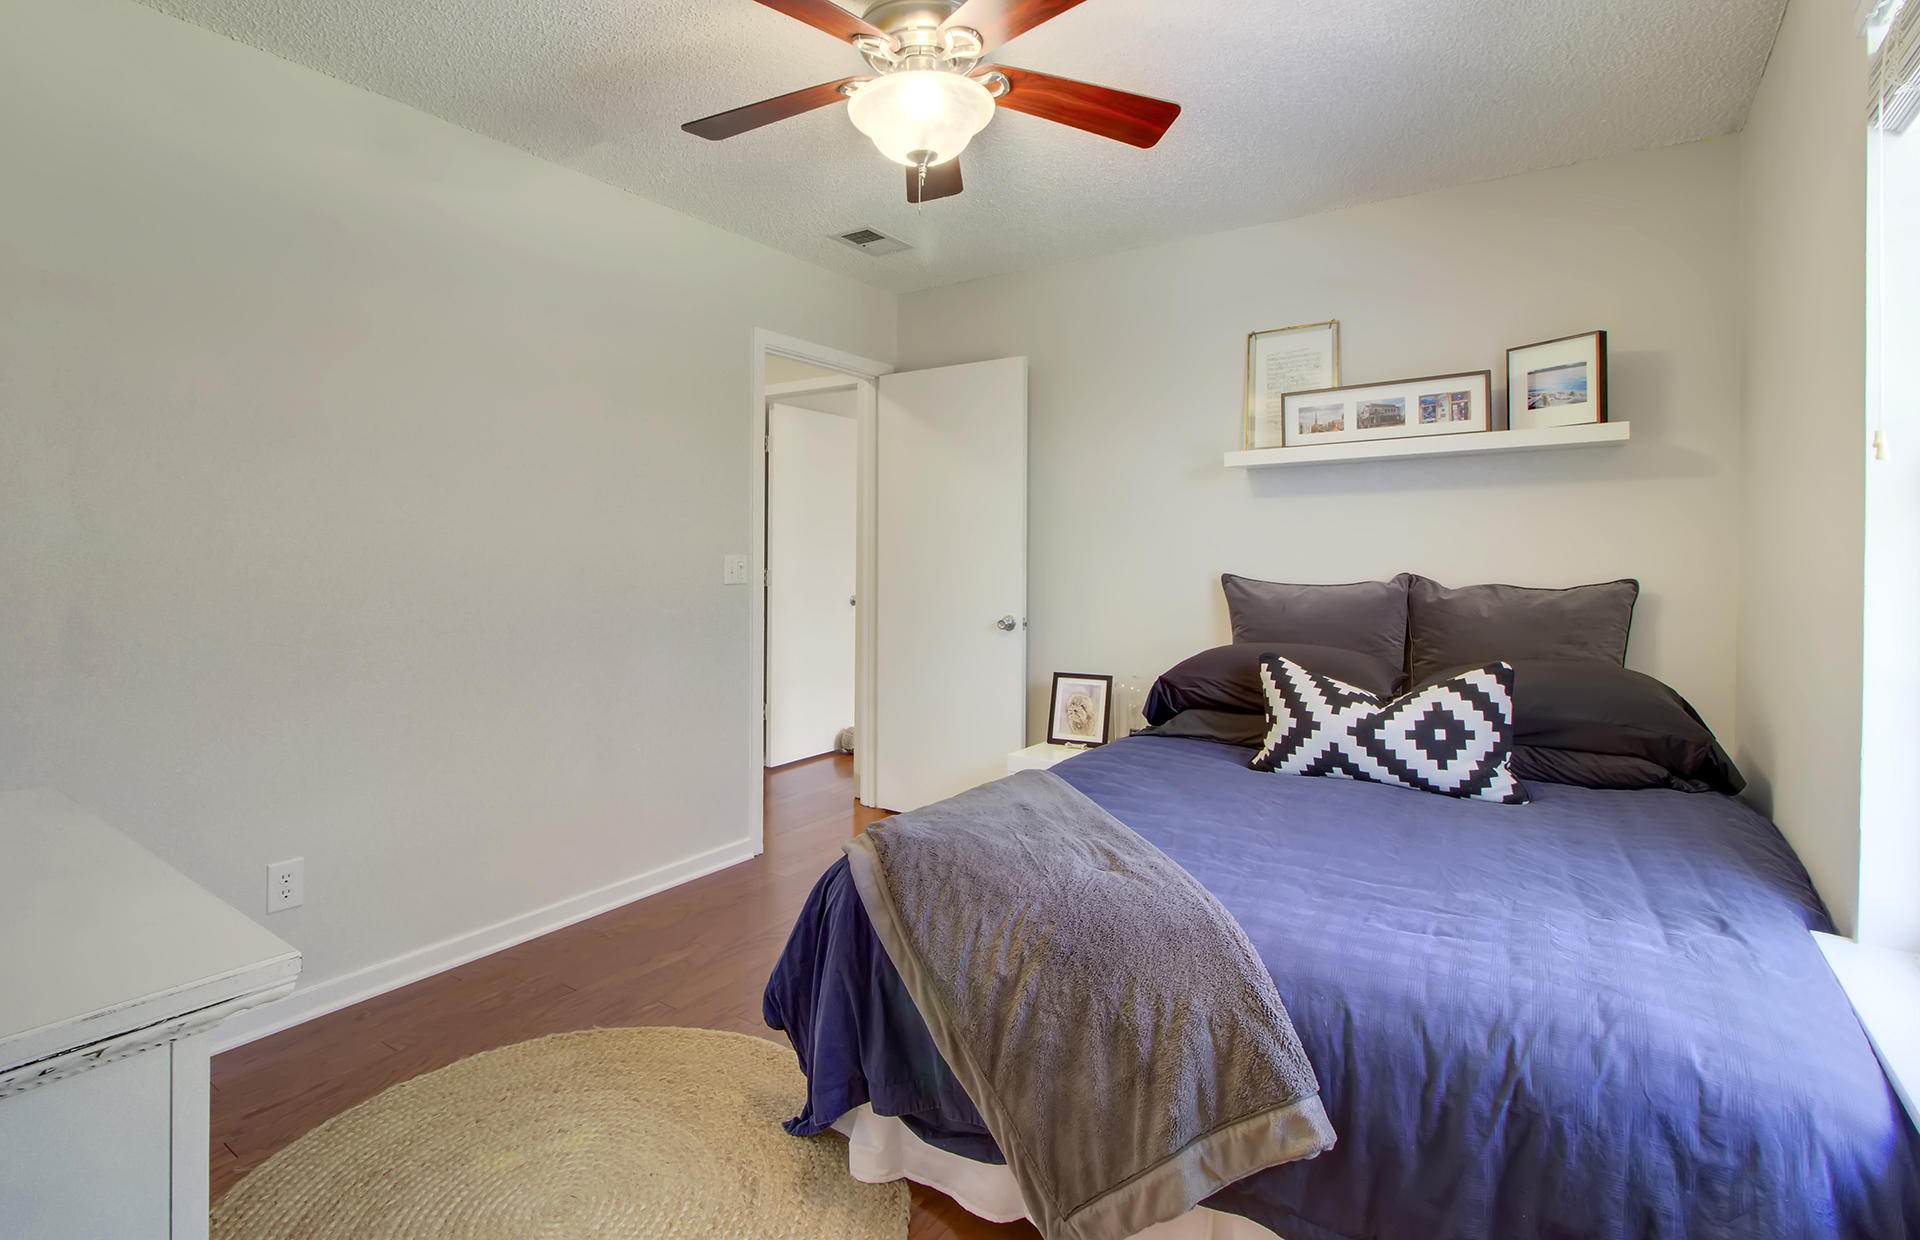 Willow Walk Homes For Sale - 1157 Oakcrest, Charleston, SC - 0